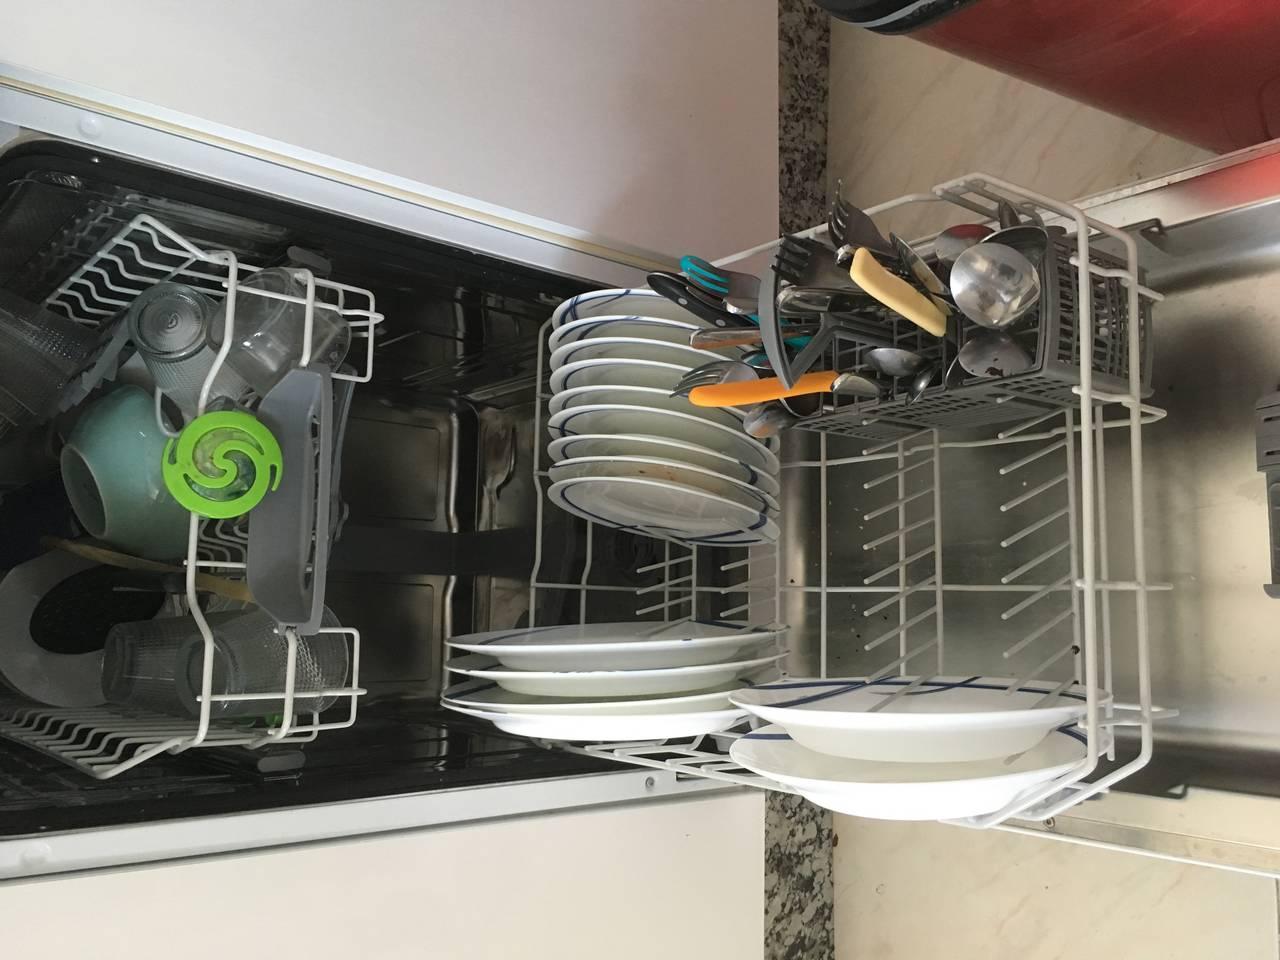 Muebles cocina y lavavajillas  - Foto 7